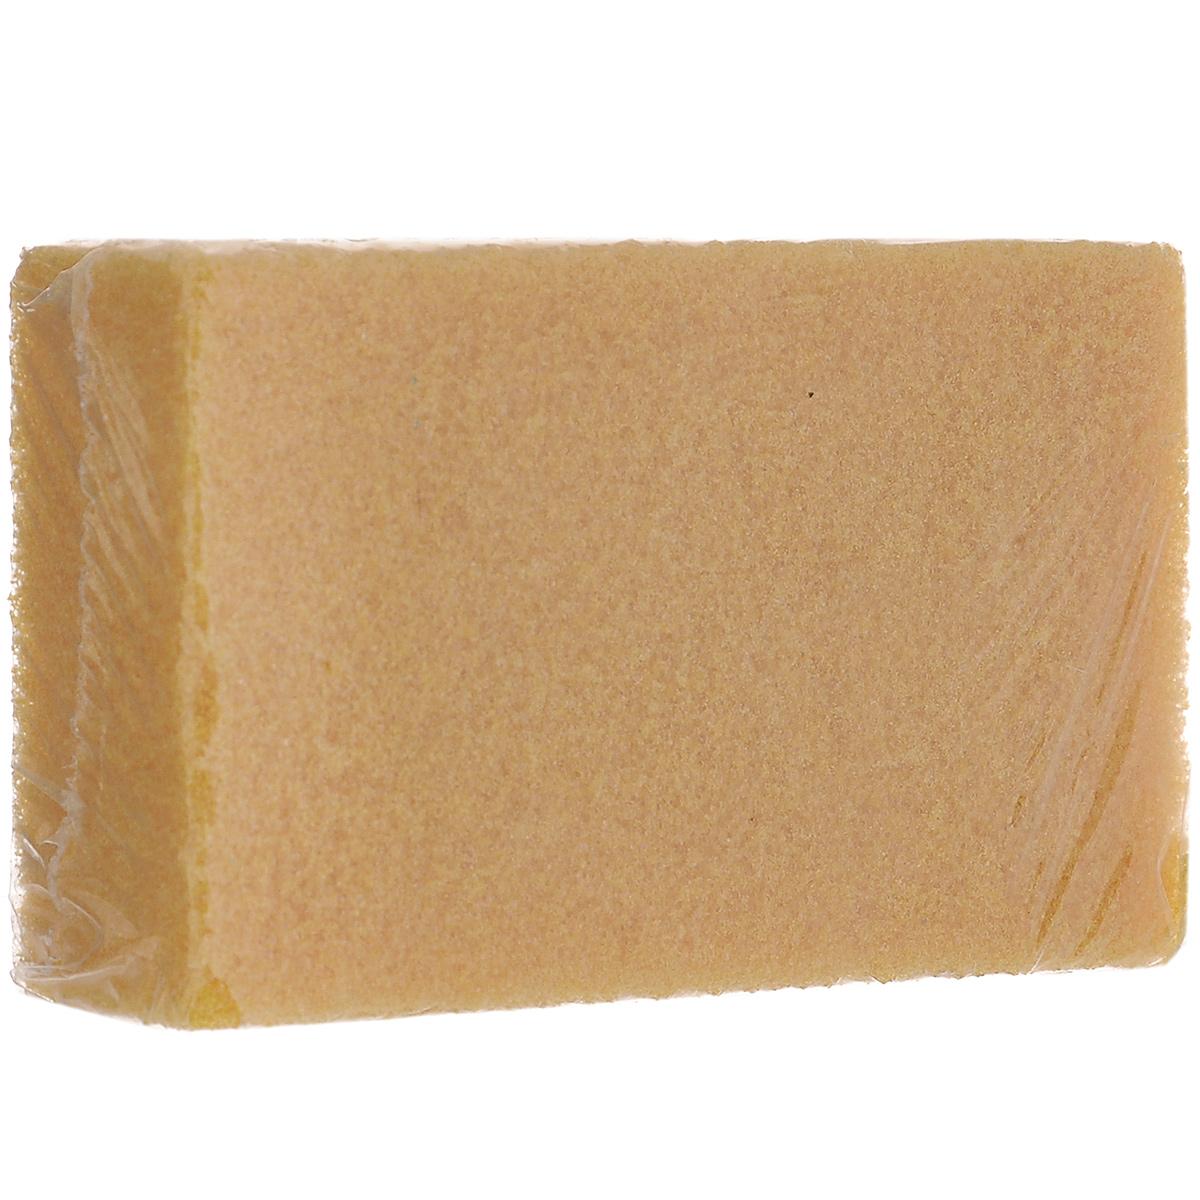 Пемза искусственная Eva, цвет: рыжий, 8 х 5 х 2,5 смТ74 рыжийИскусственная пемза Eva изготовлена из пенополиуретана. Она в одно мгновение справиться с огрубевшей кожей ног. После ее использования кожа ваших ног станет гладкой и эластичной. Этот замечательный аксессуар пригодится и в ванной, и в бане.